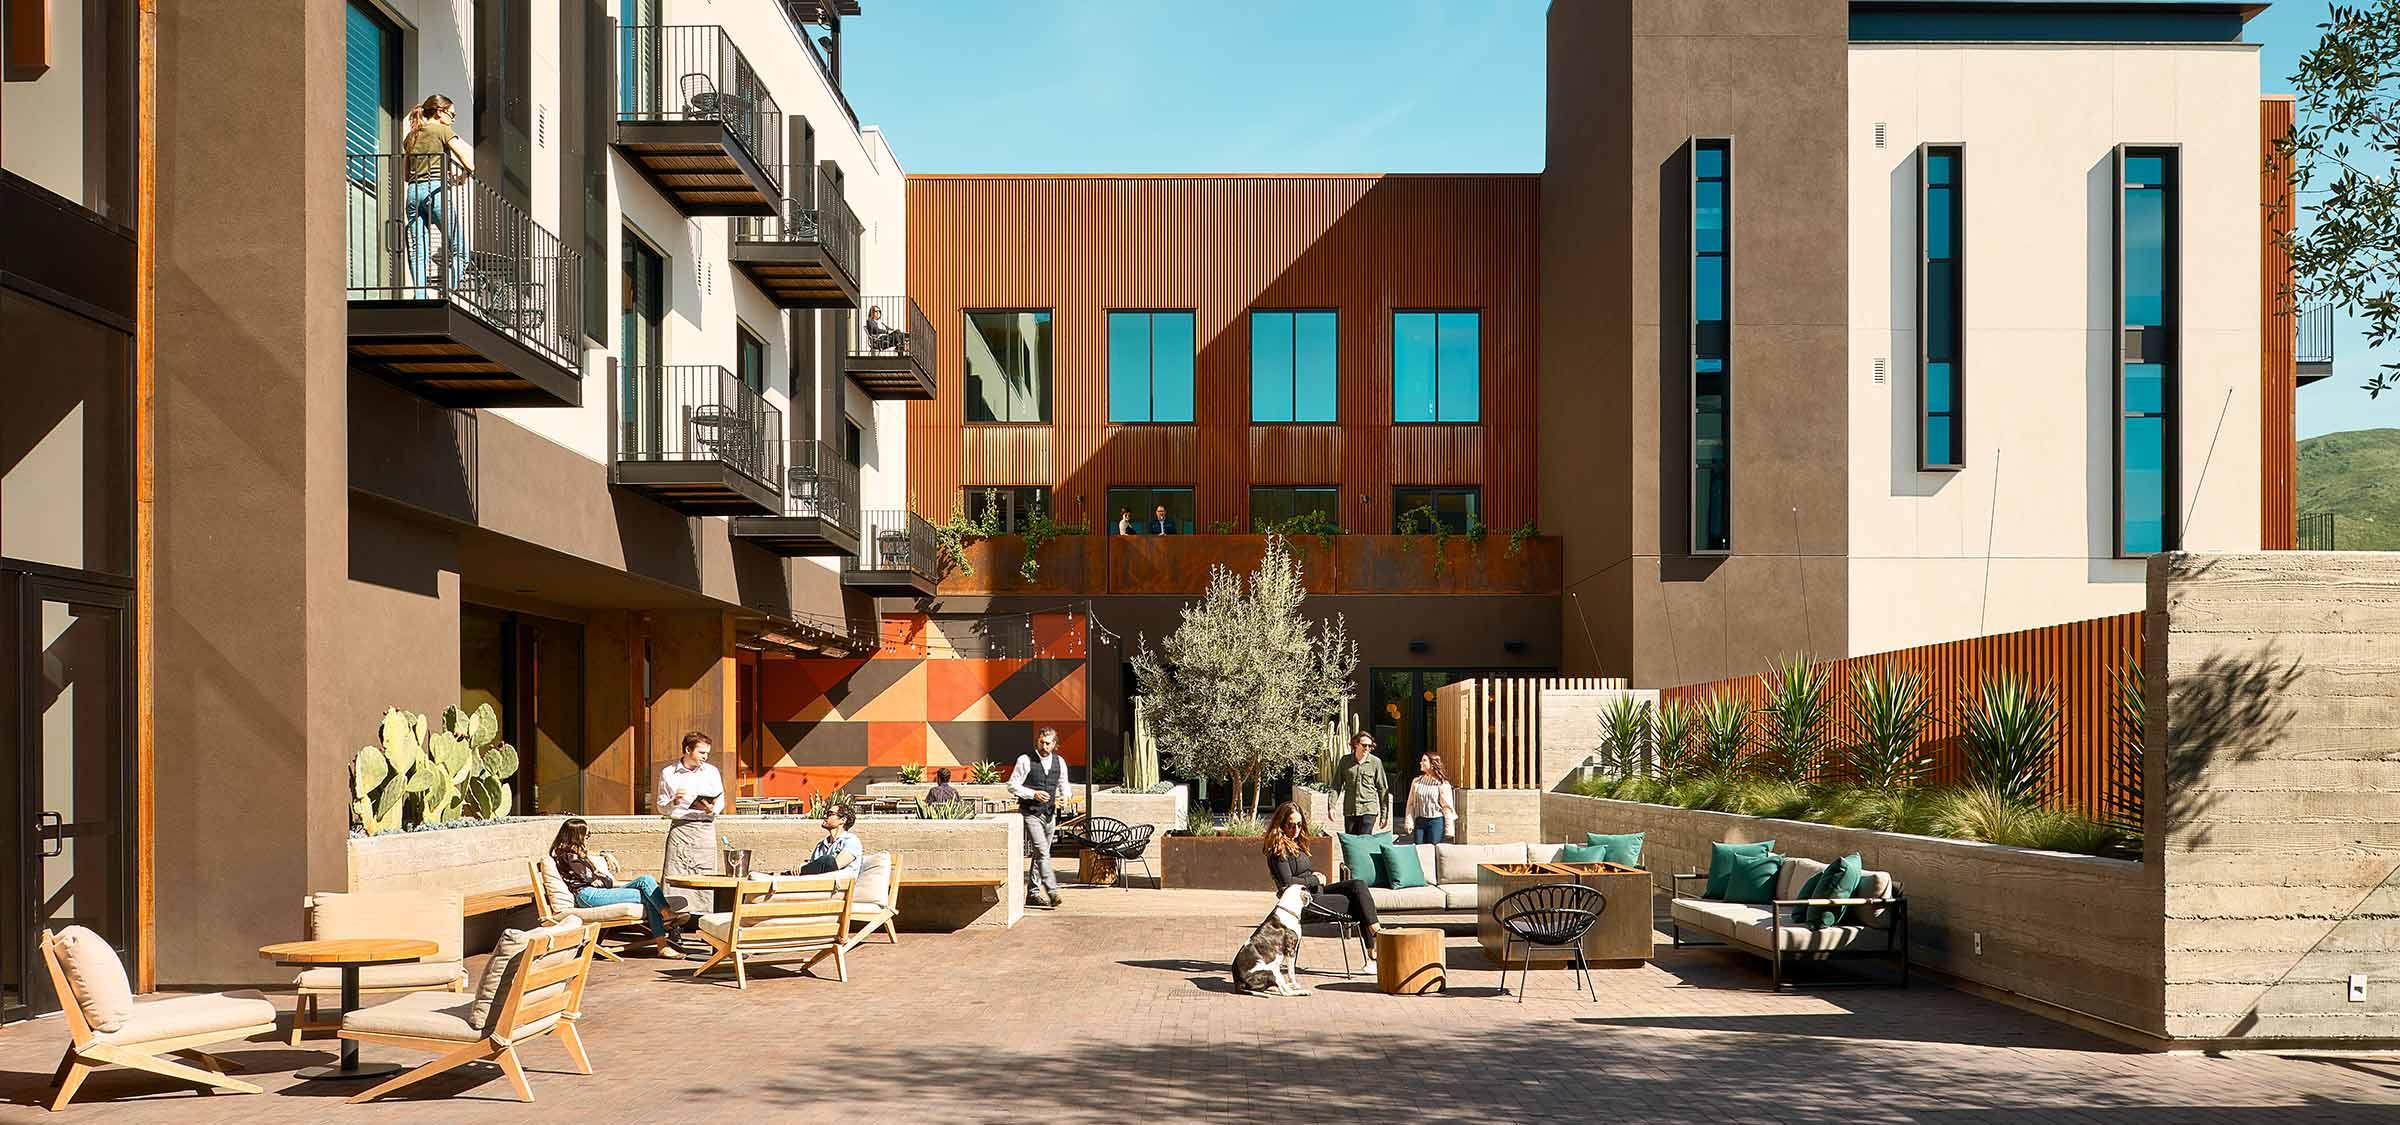 Hotel San Luis Obispo